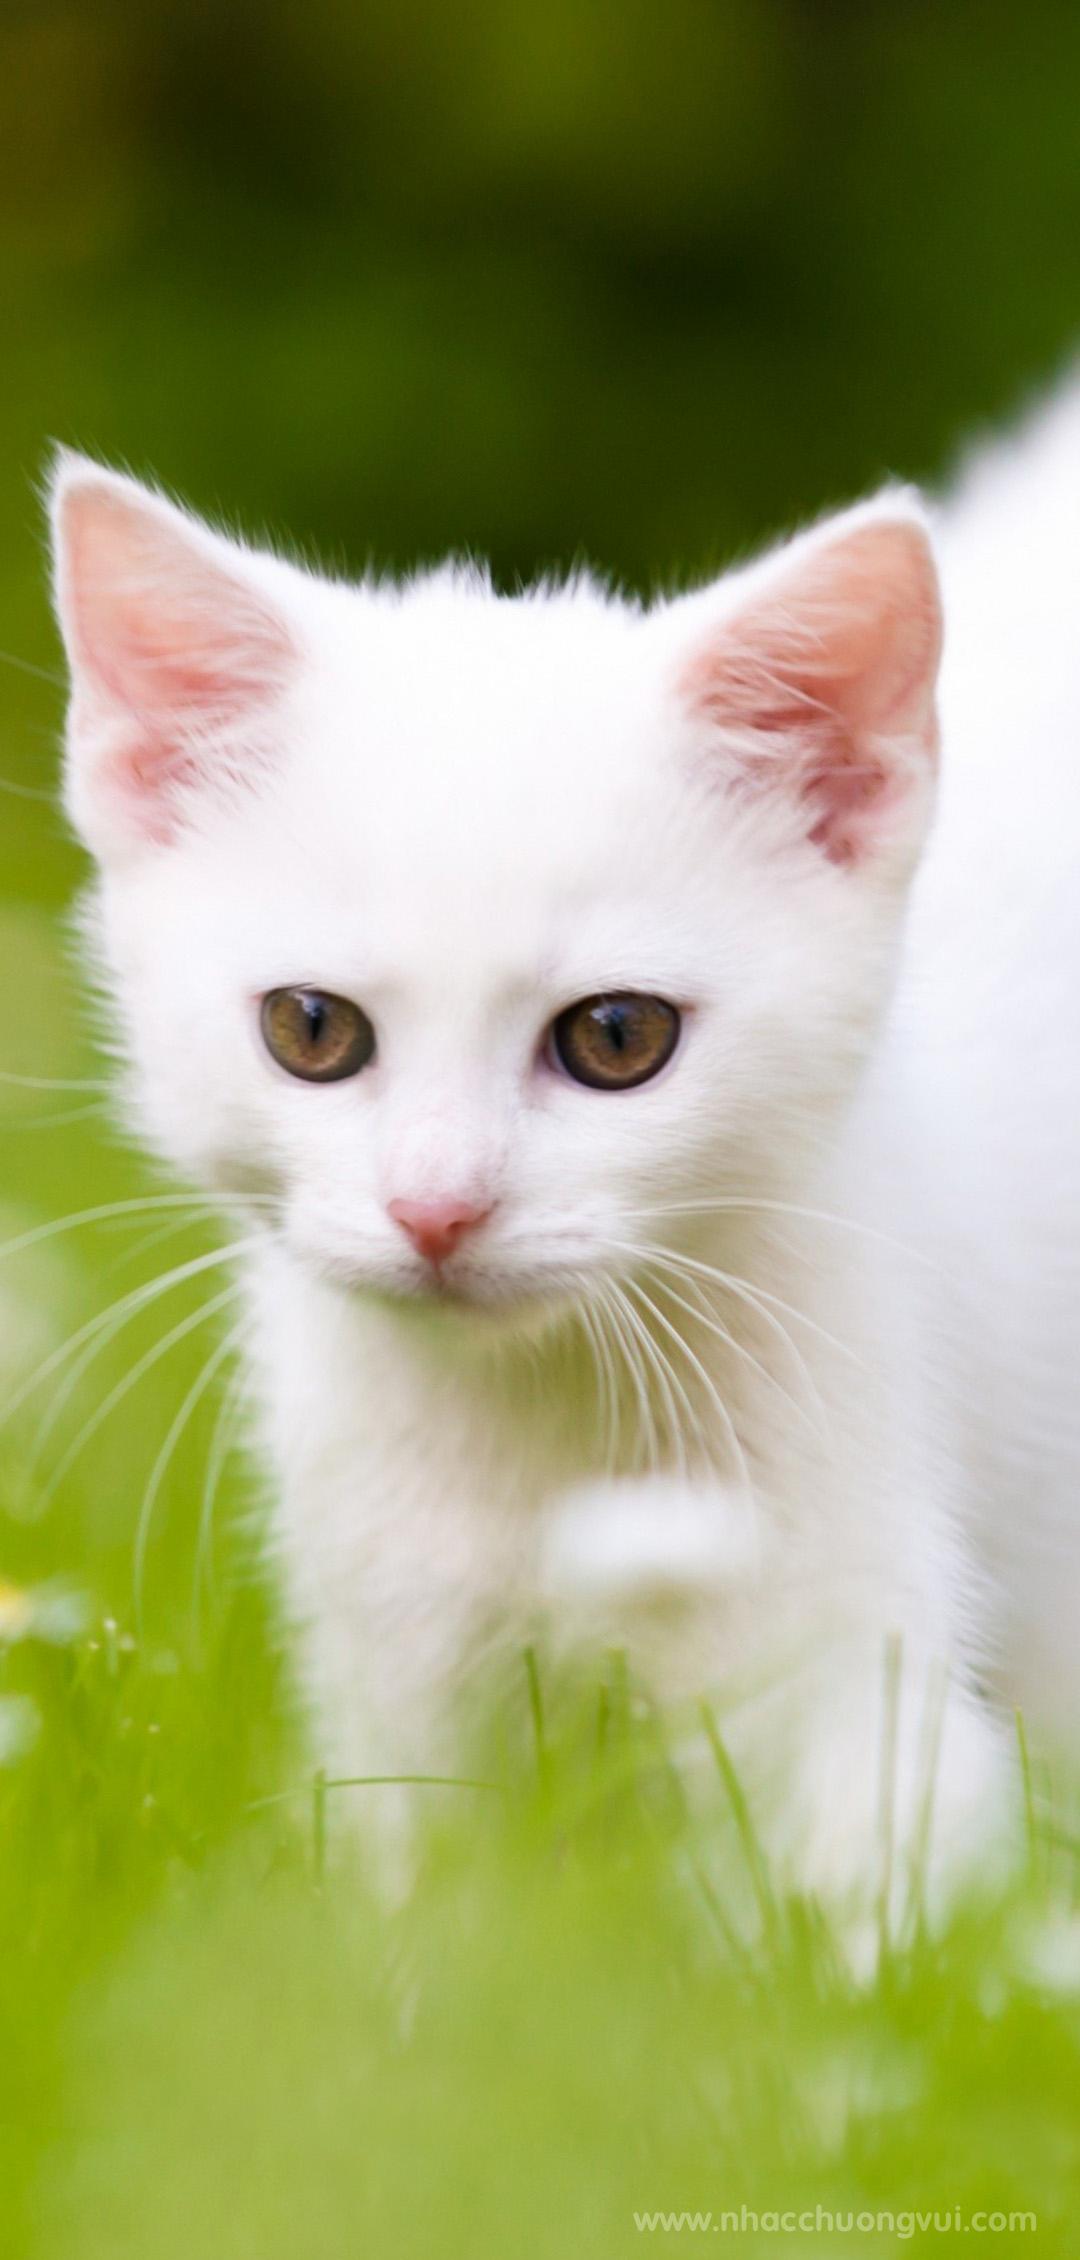 Hình nền mèo cho điện thoại dễ thương nhất 22